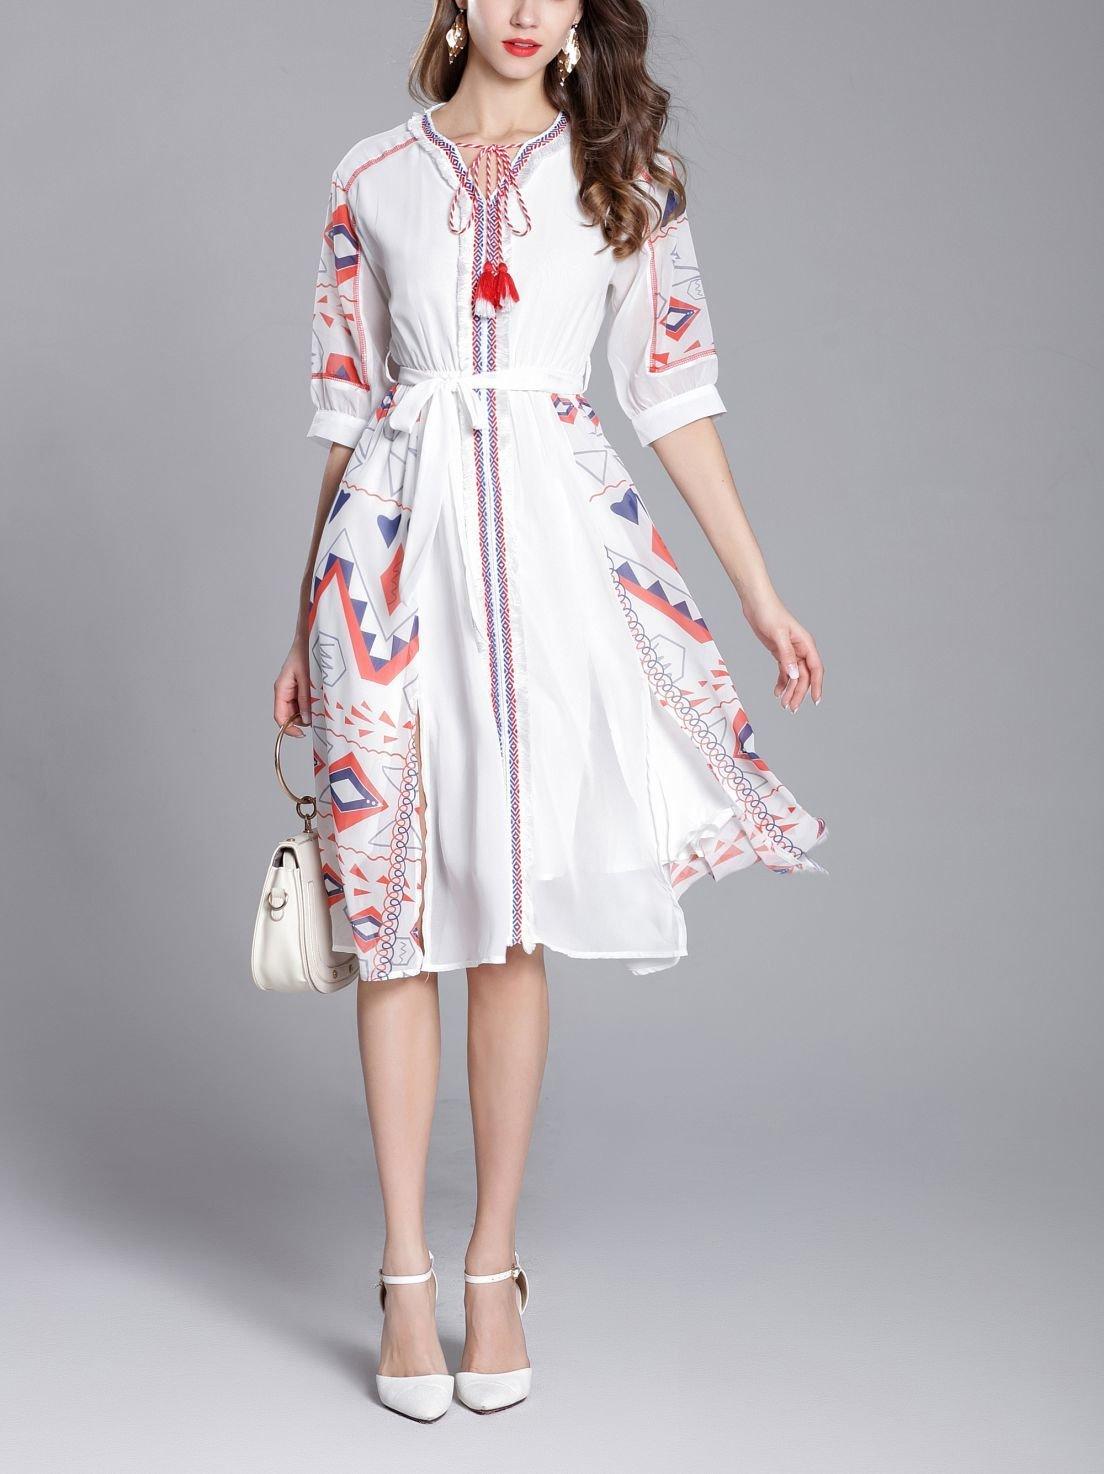 Stylish Chiffon Work Dress